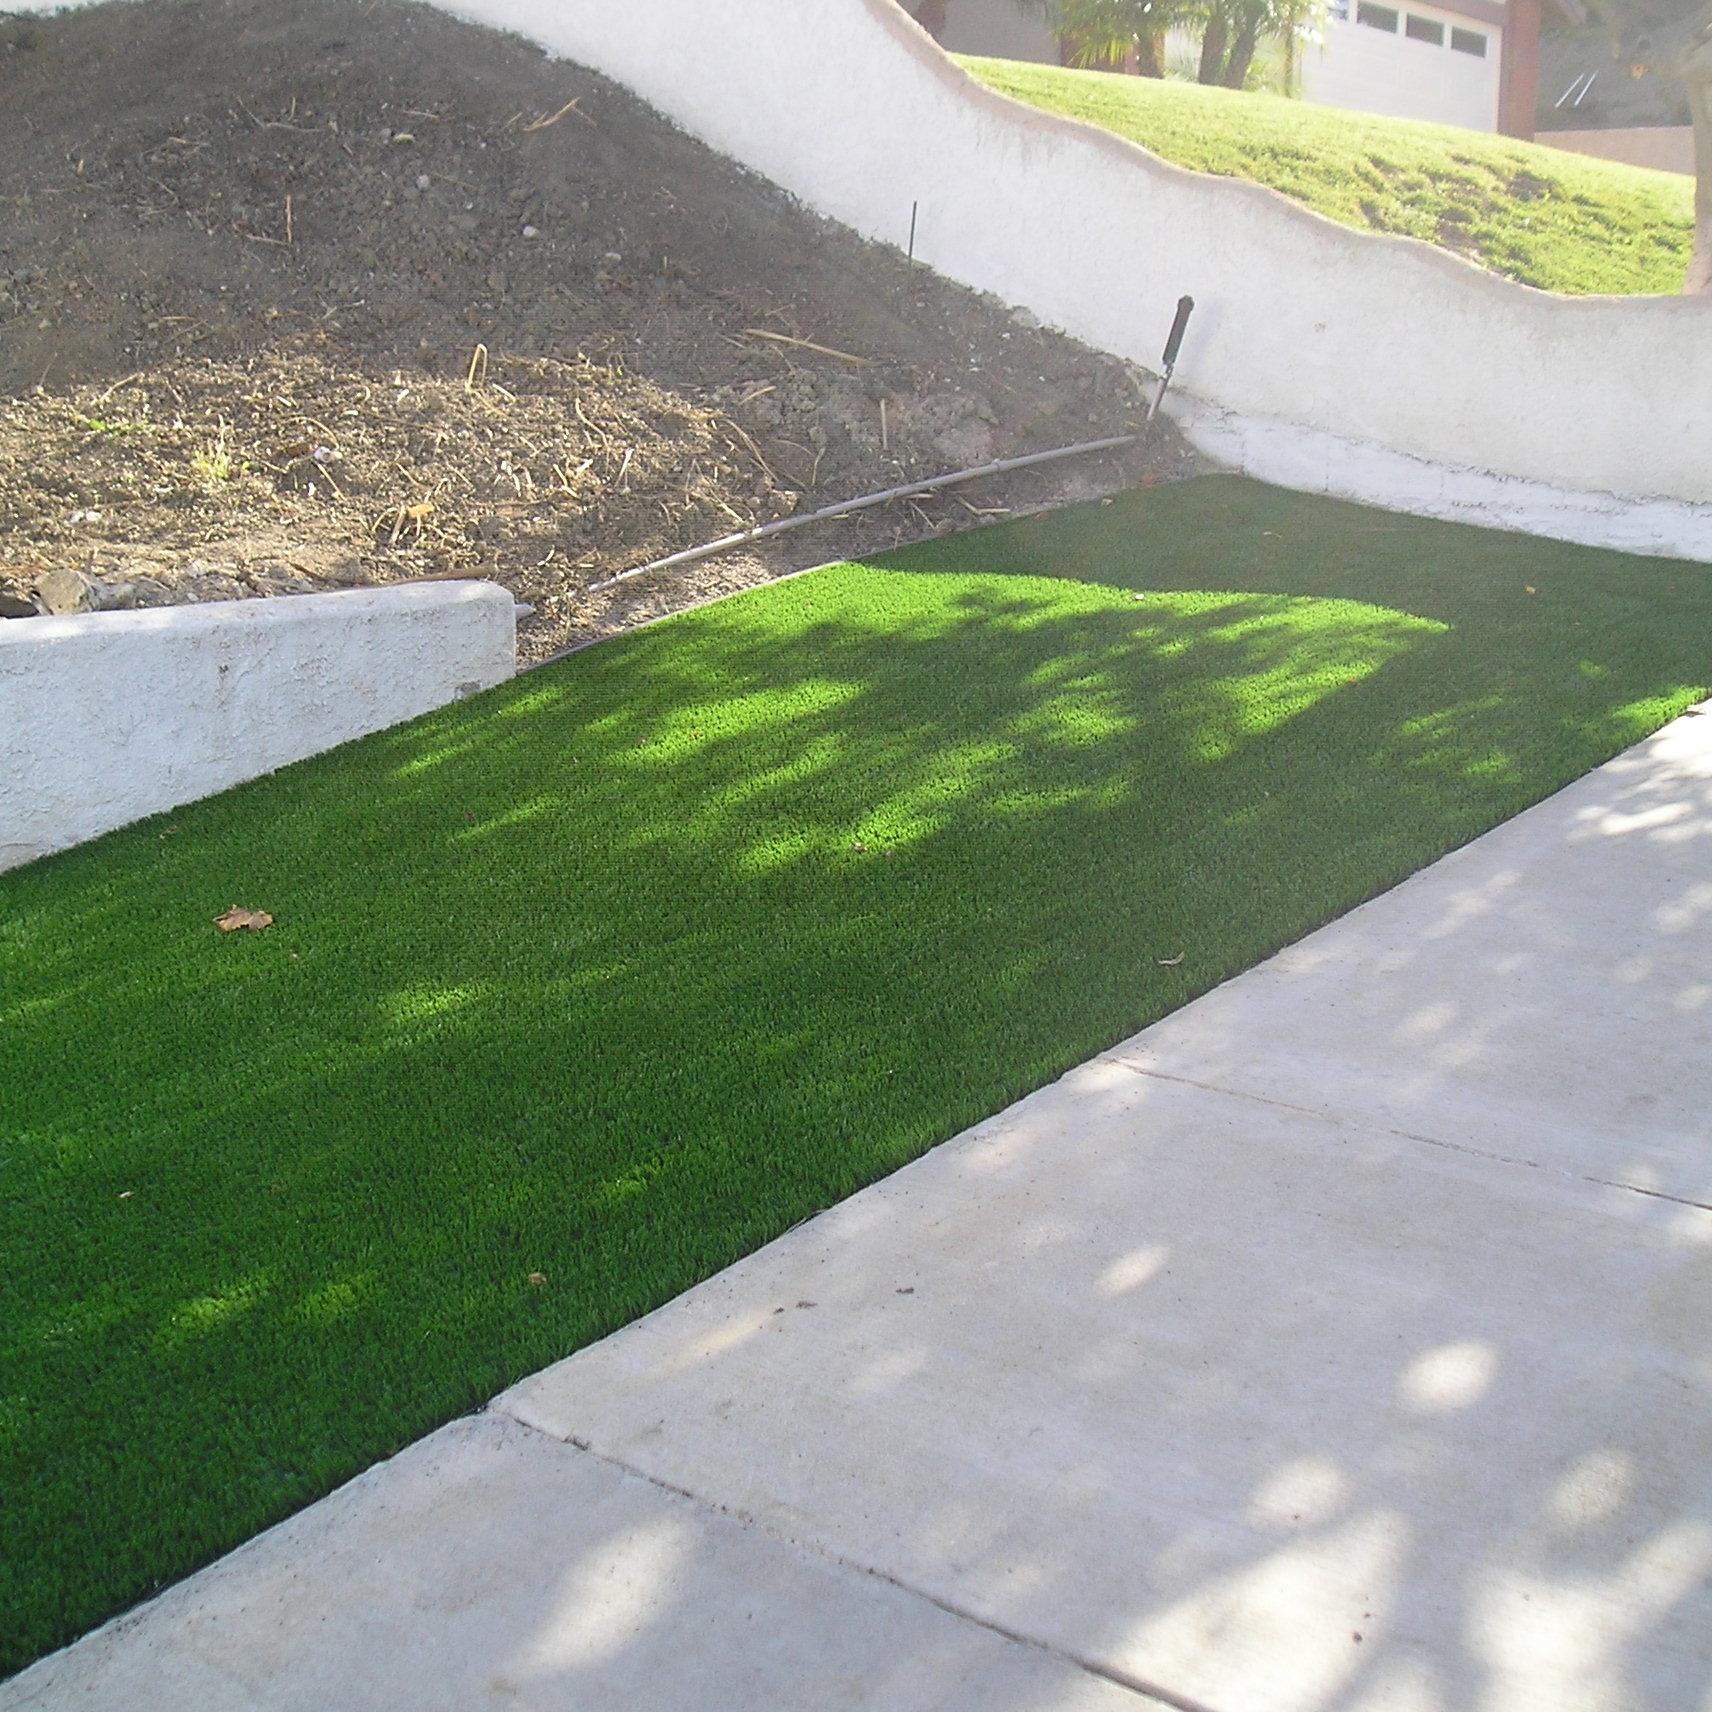 W Blade-60 backyard turf,turf backyard,fake grass for backyard,fake grass backyard,artificial grass backyard